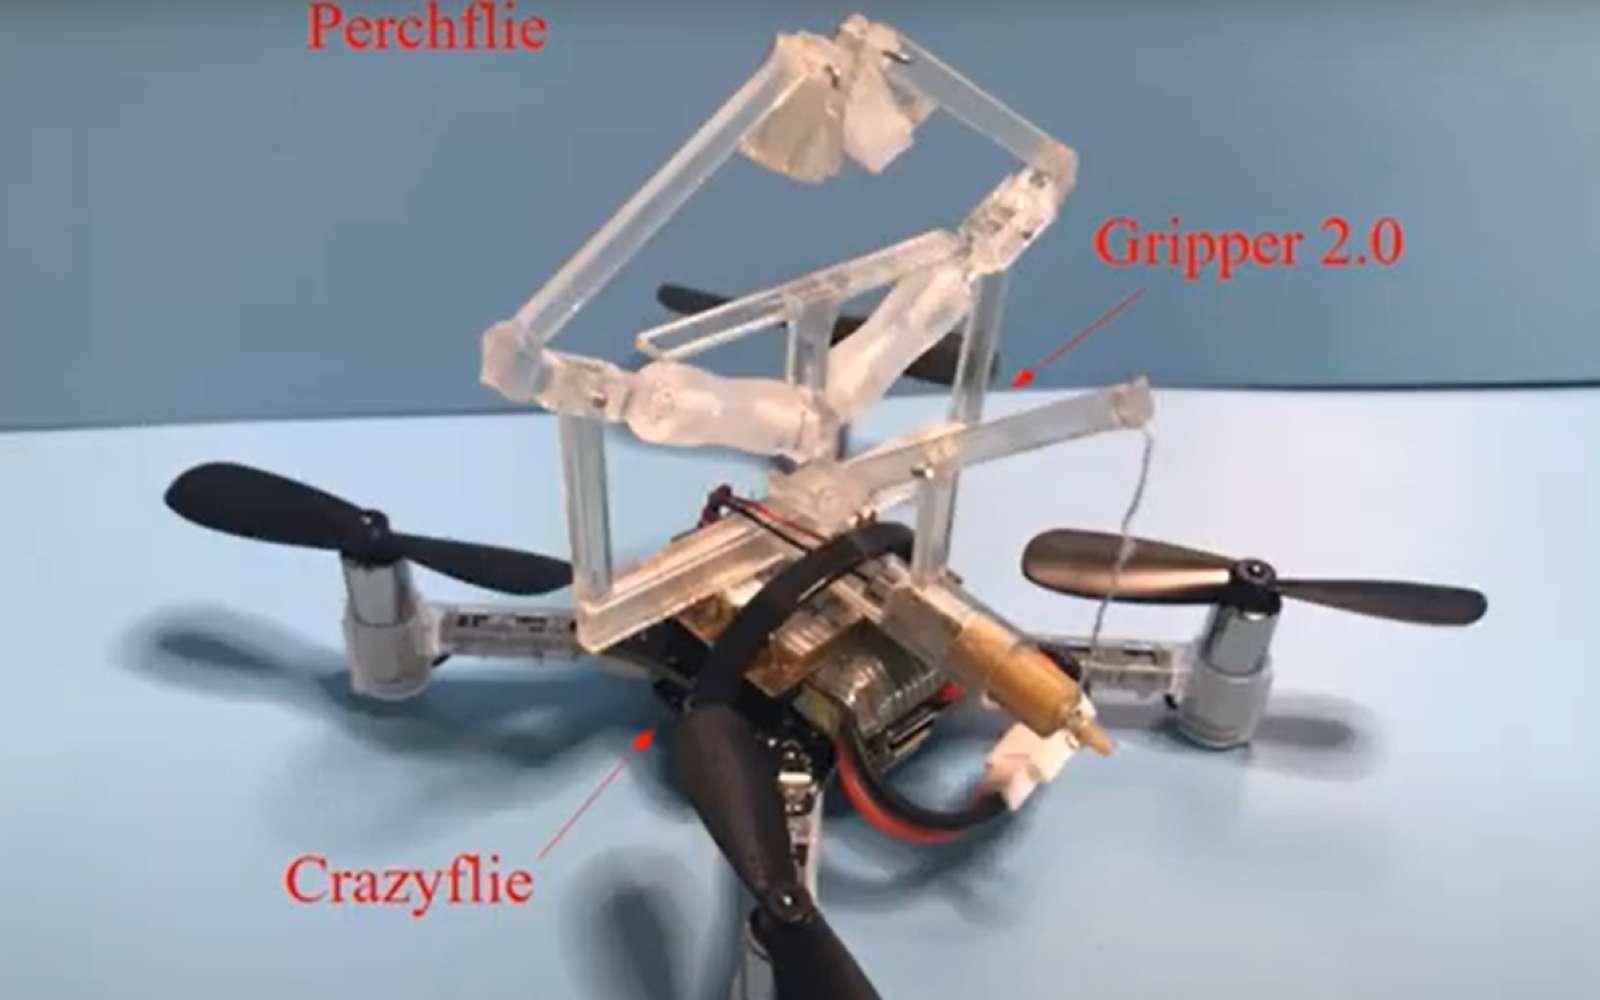 Ce drone peut s'accrocher à un élément et y rester le temps nécessaire pour des missions de surveillance, par exemple. © Adaptive Robotics Lab